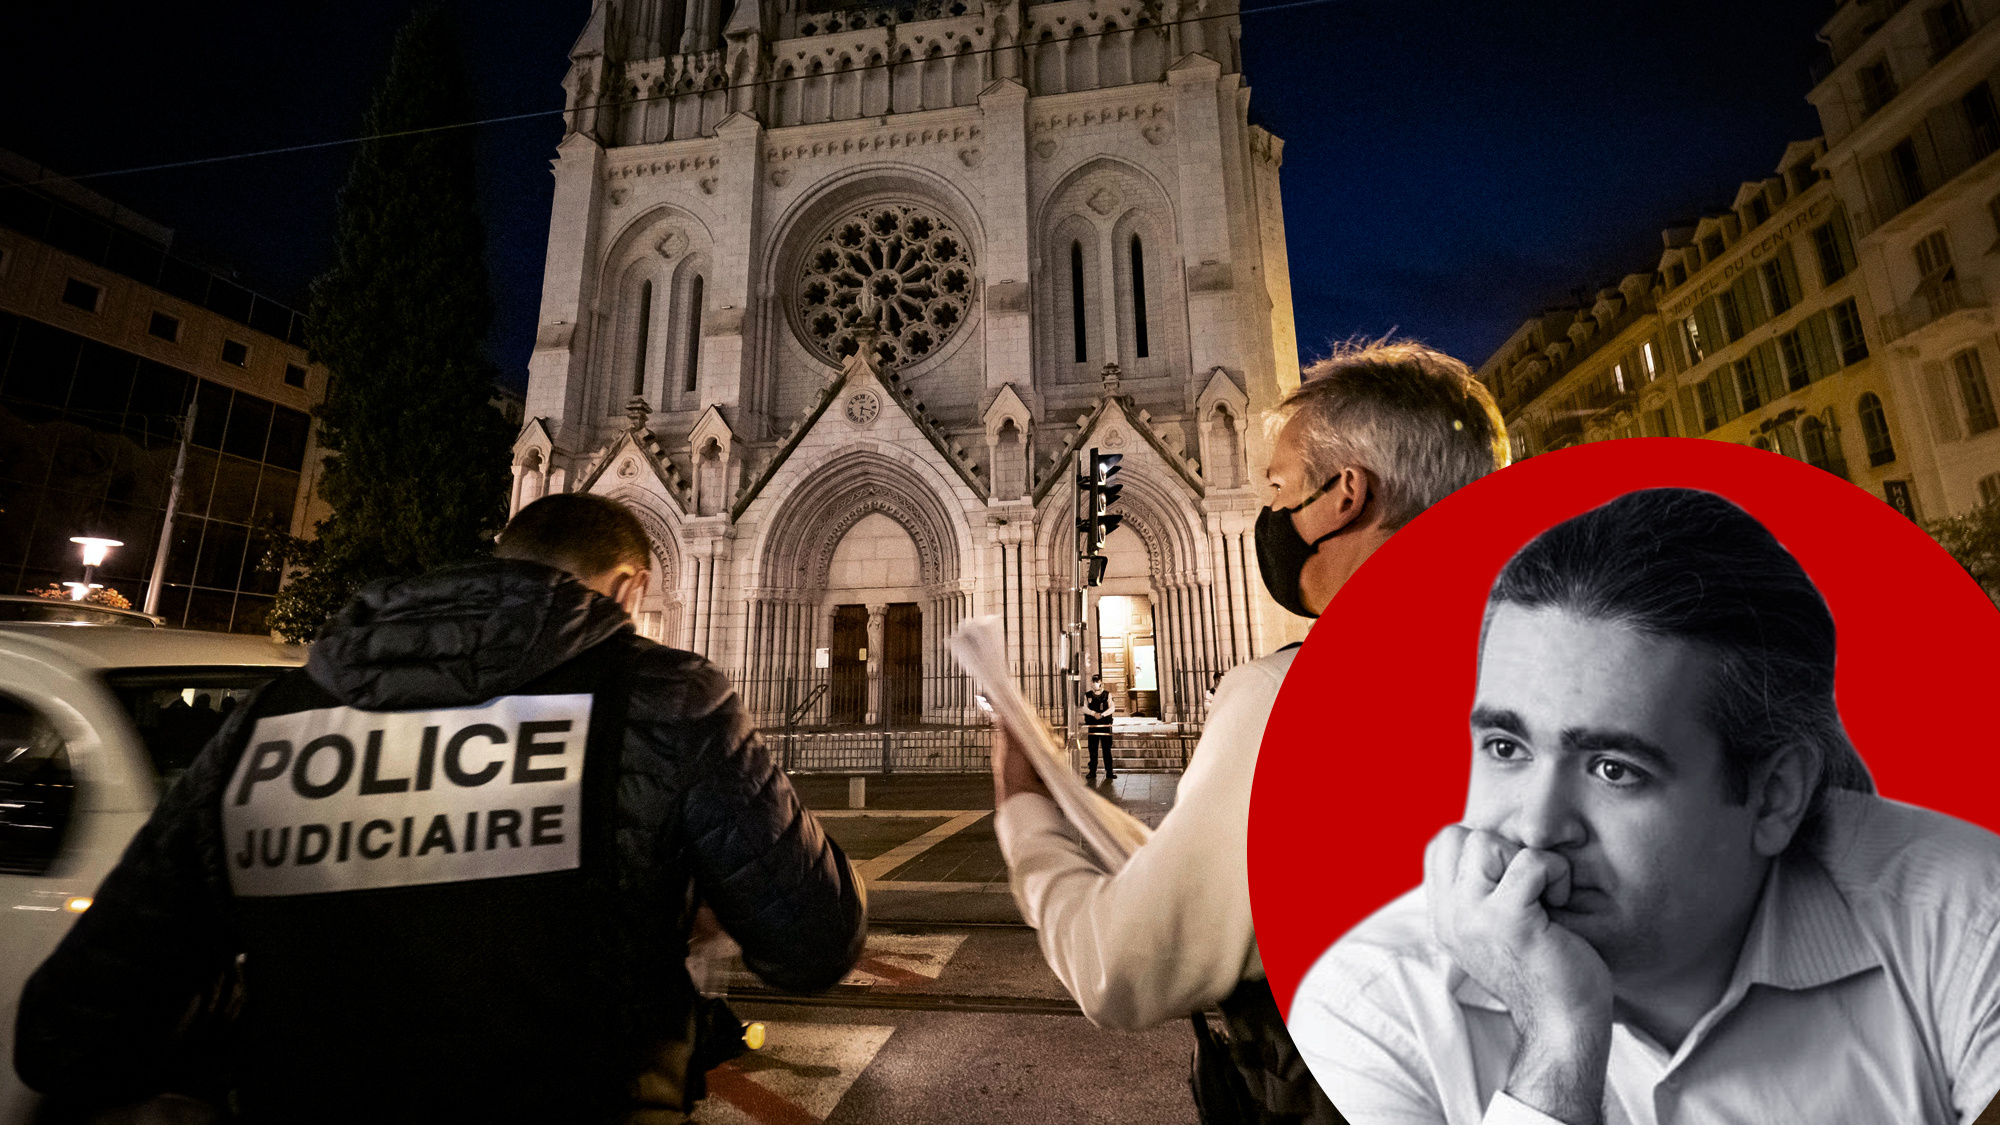 Судилище читателей и страусиные позы западных СМИ. Как мир отреагировал на теракты исламистов во Франции